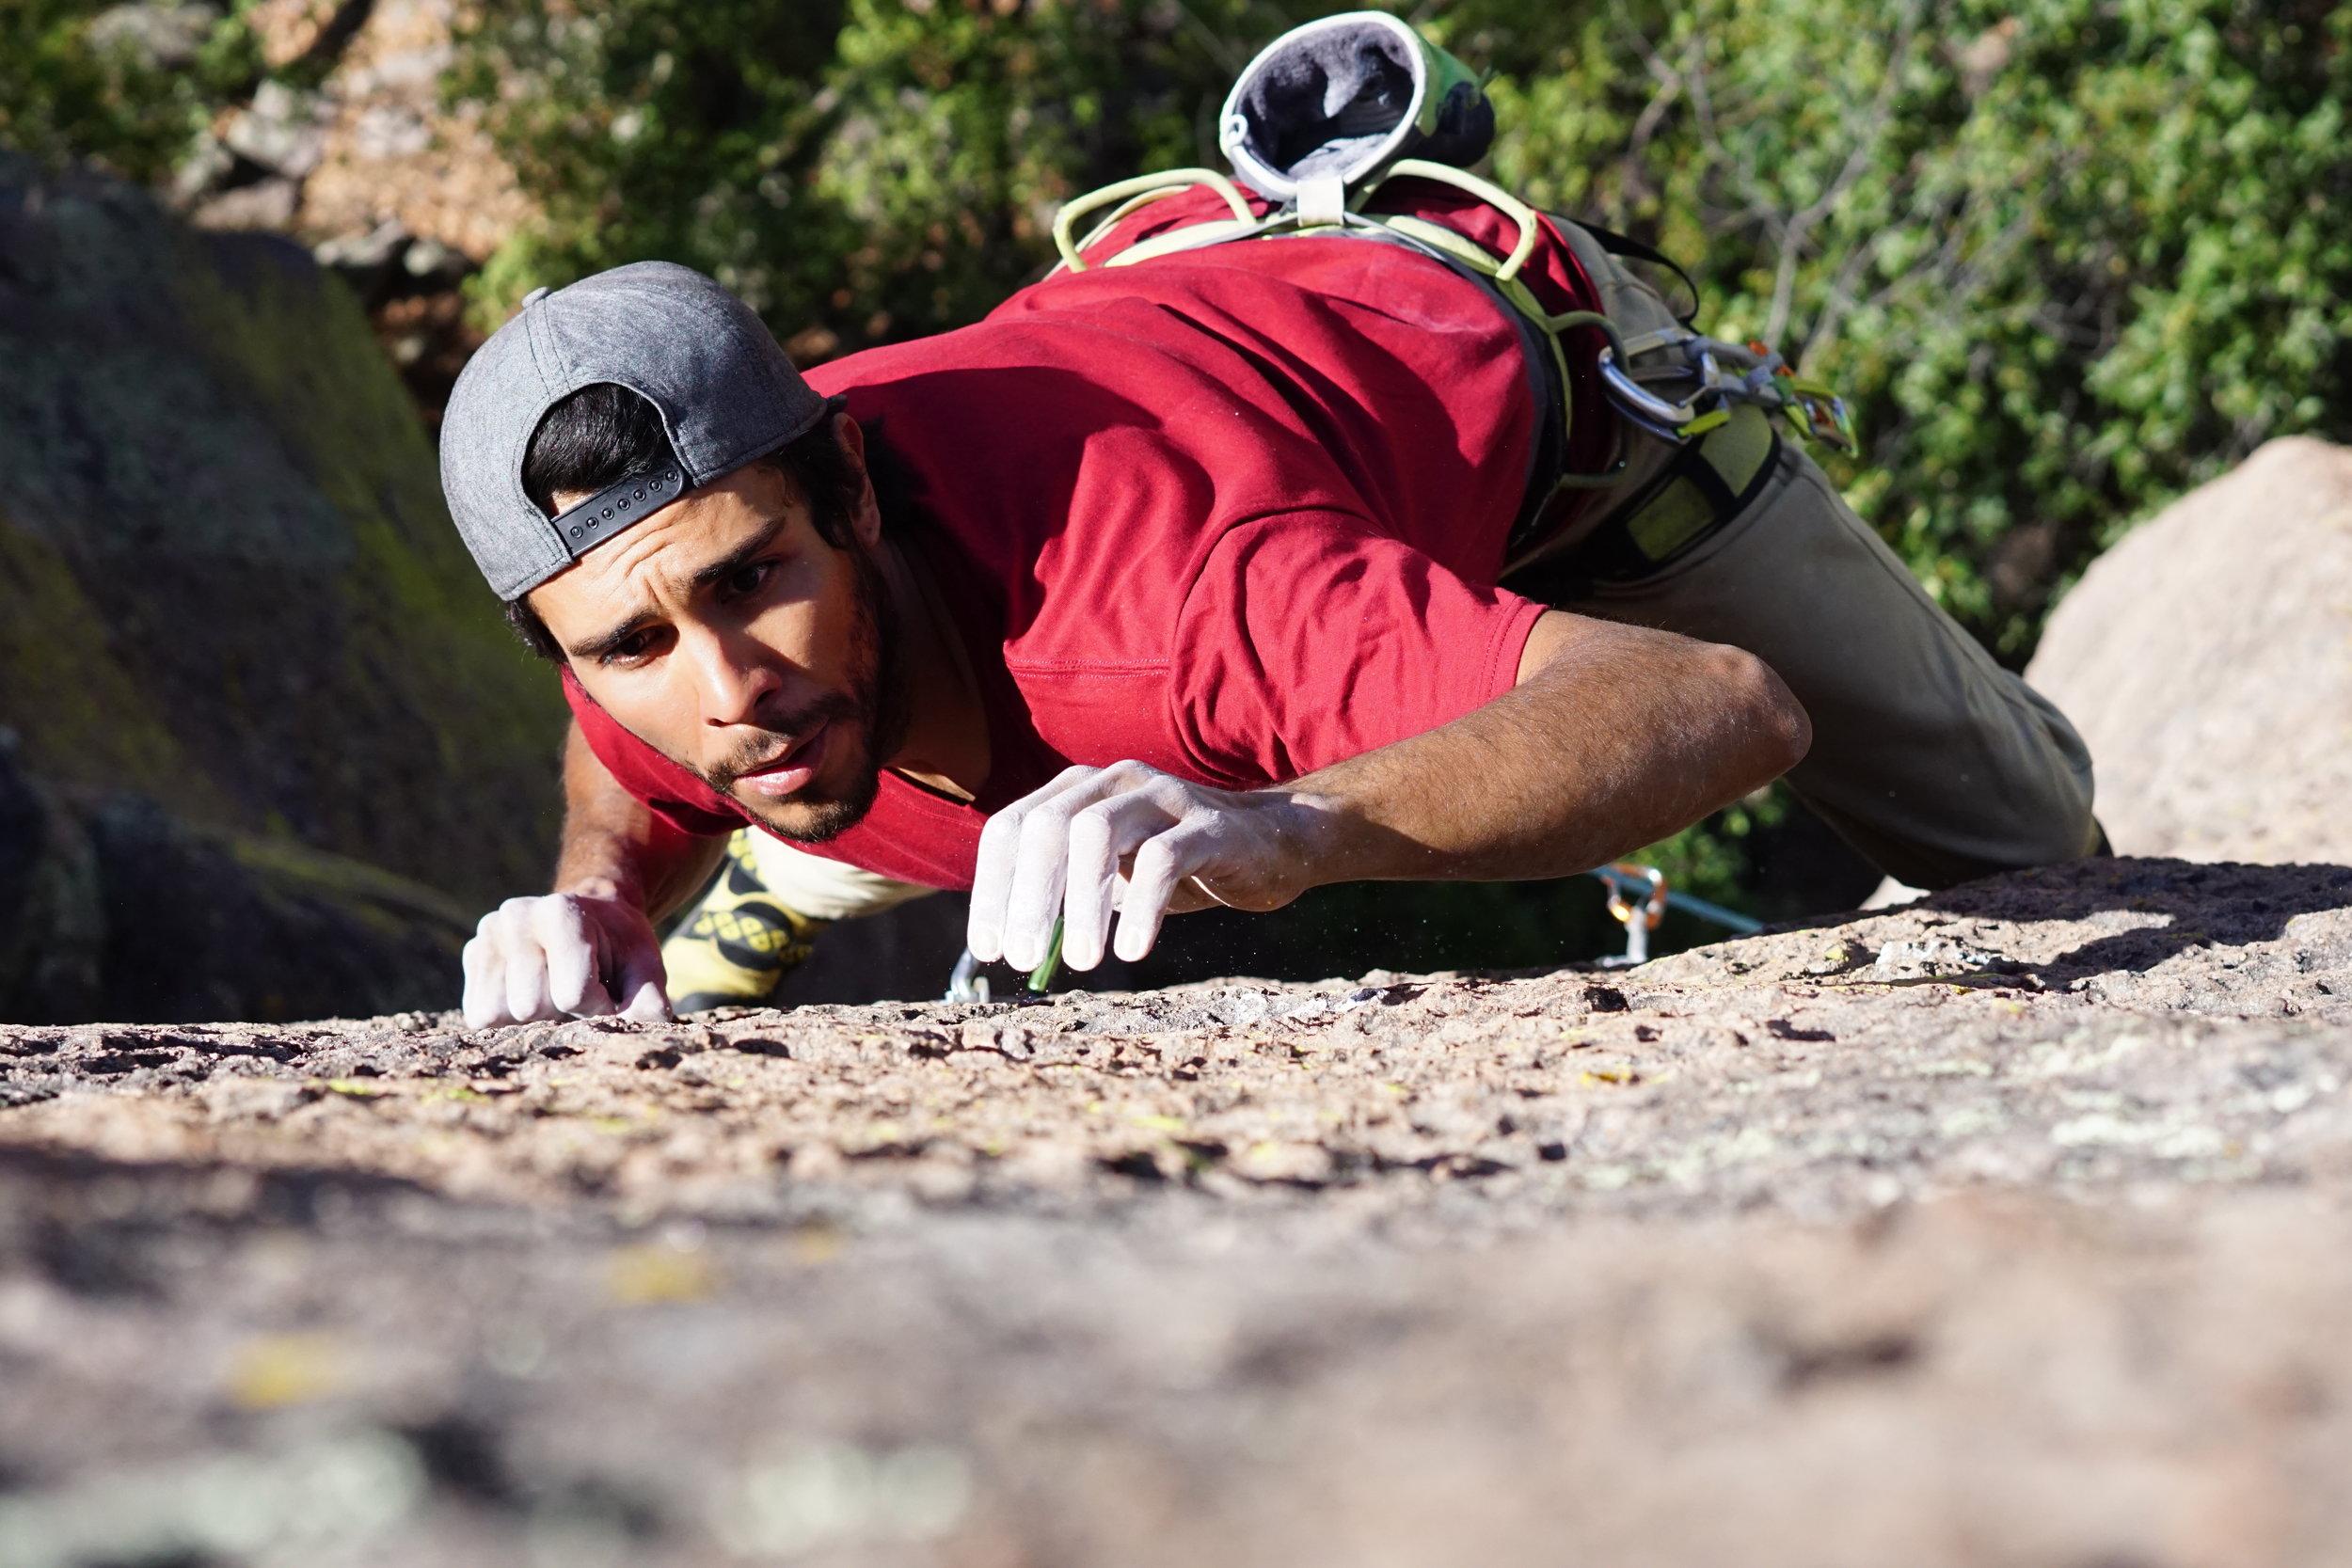 Abraham Martínez   Apasionado de la altura; escalador y técnico vertical Nayarita. Desarrollador de nuevas vías y zonas de escalada con la convicción de llevar el deporte a nuevos lugares involucrando a la gente del lugar con la escalada y el cuidado del medio ambiente.